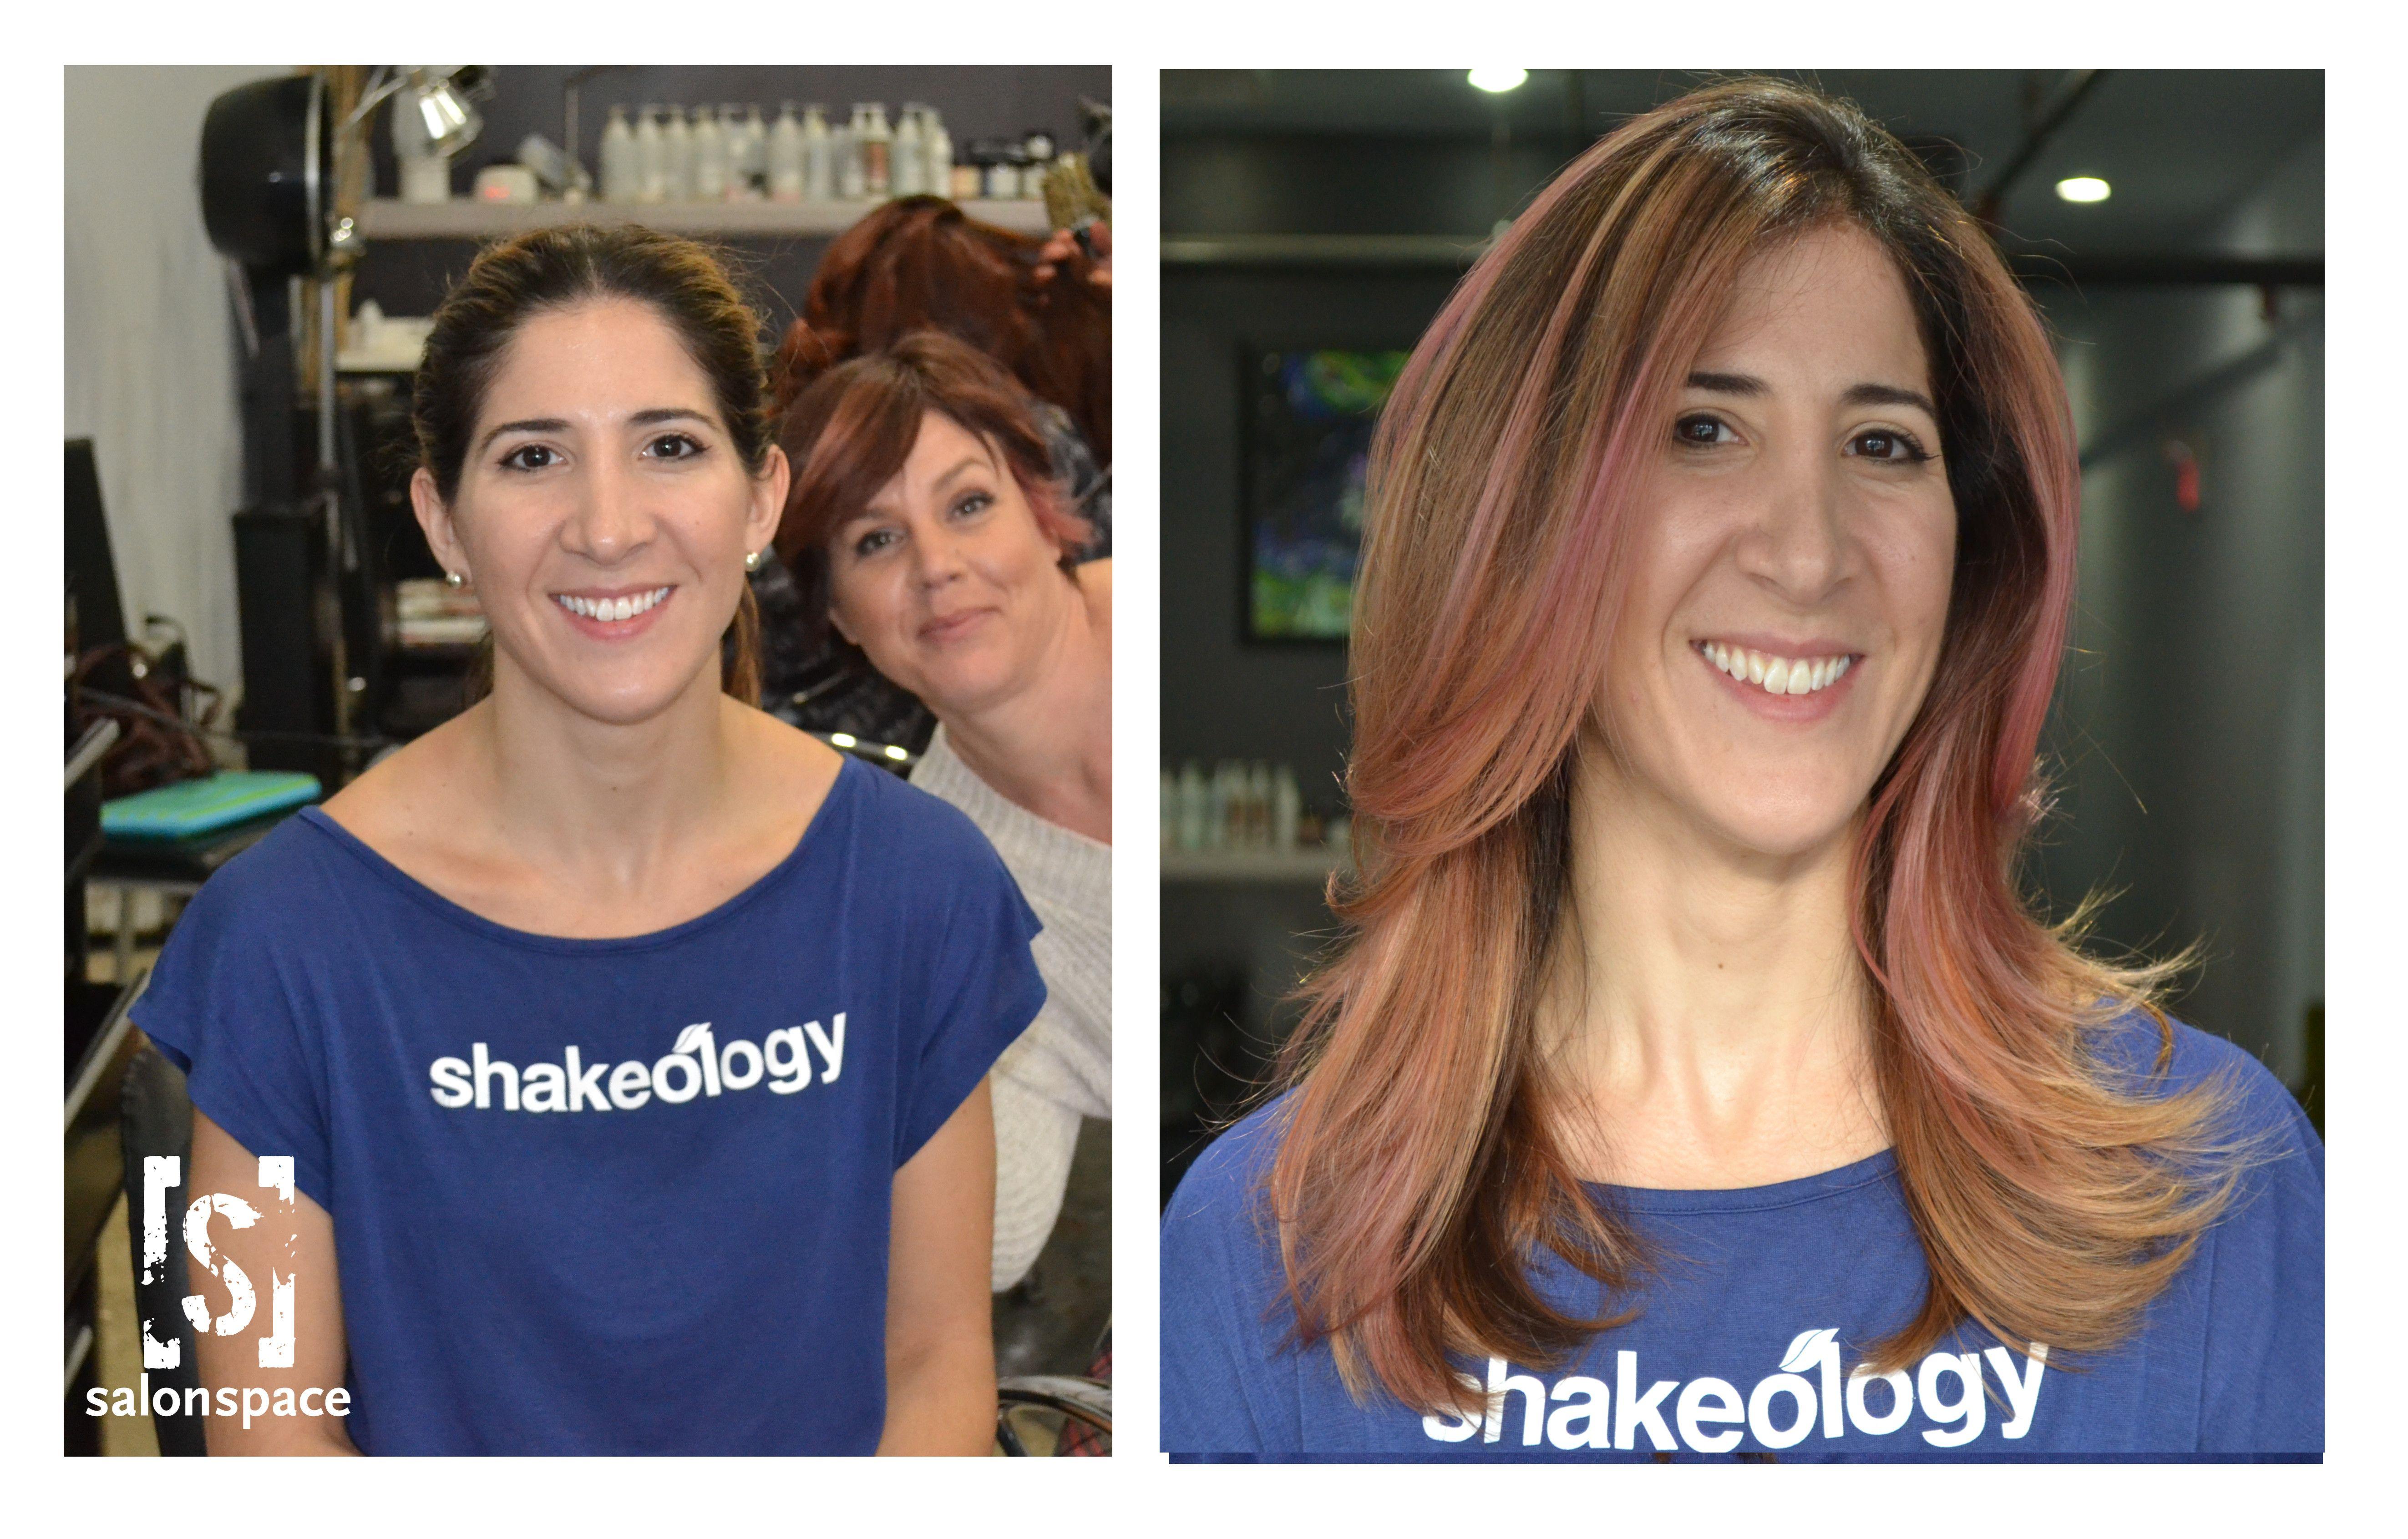 Connecticut Hair Salon And Photo Studio With An Urban New York Loft Feel Curly Hair Specialist Hair Salon Hair